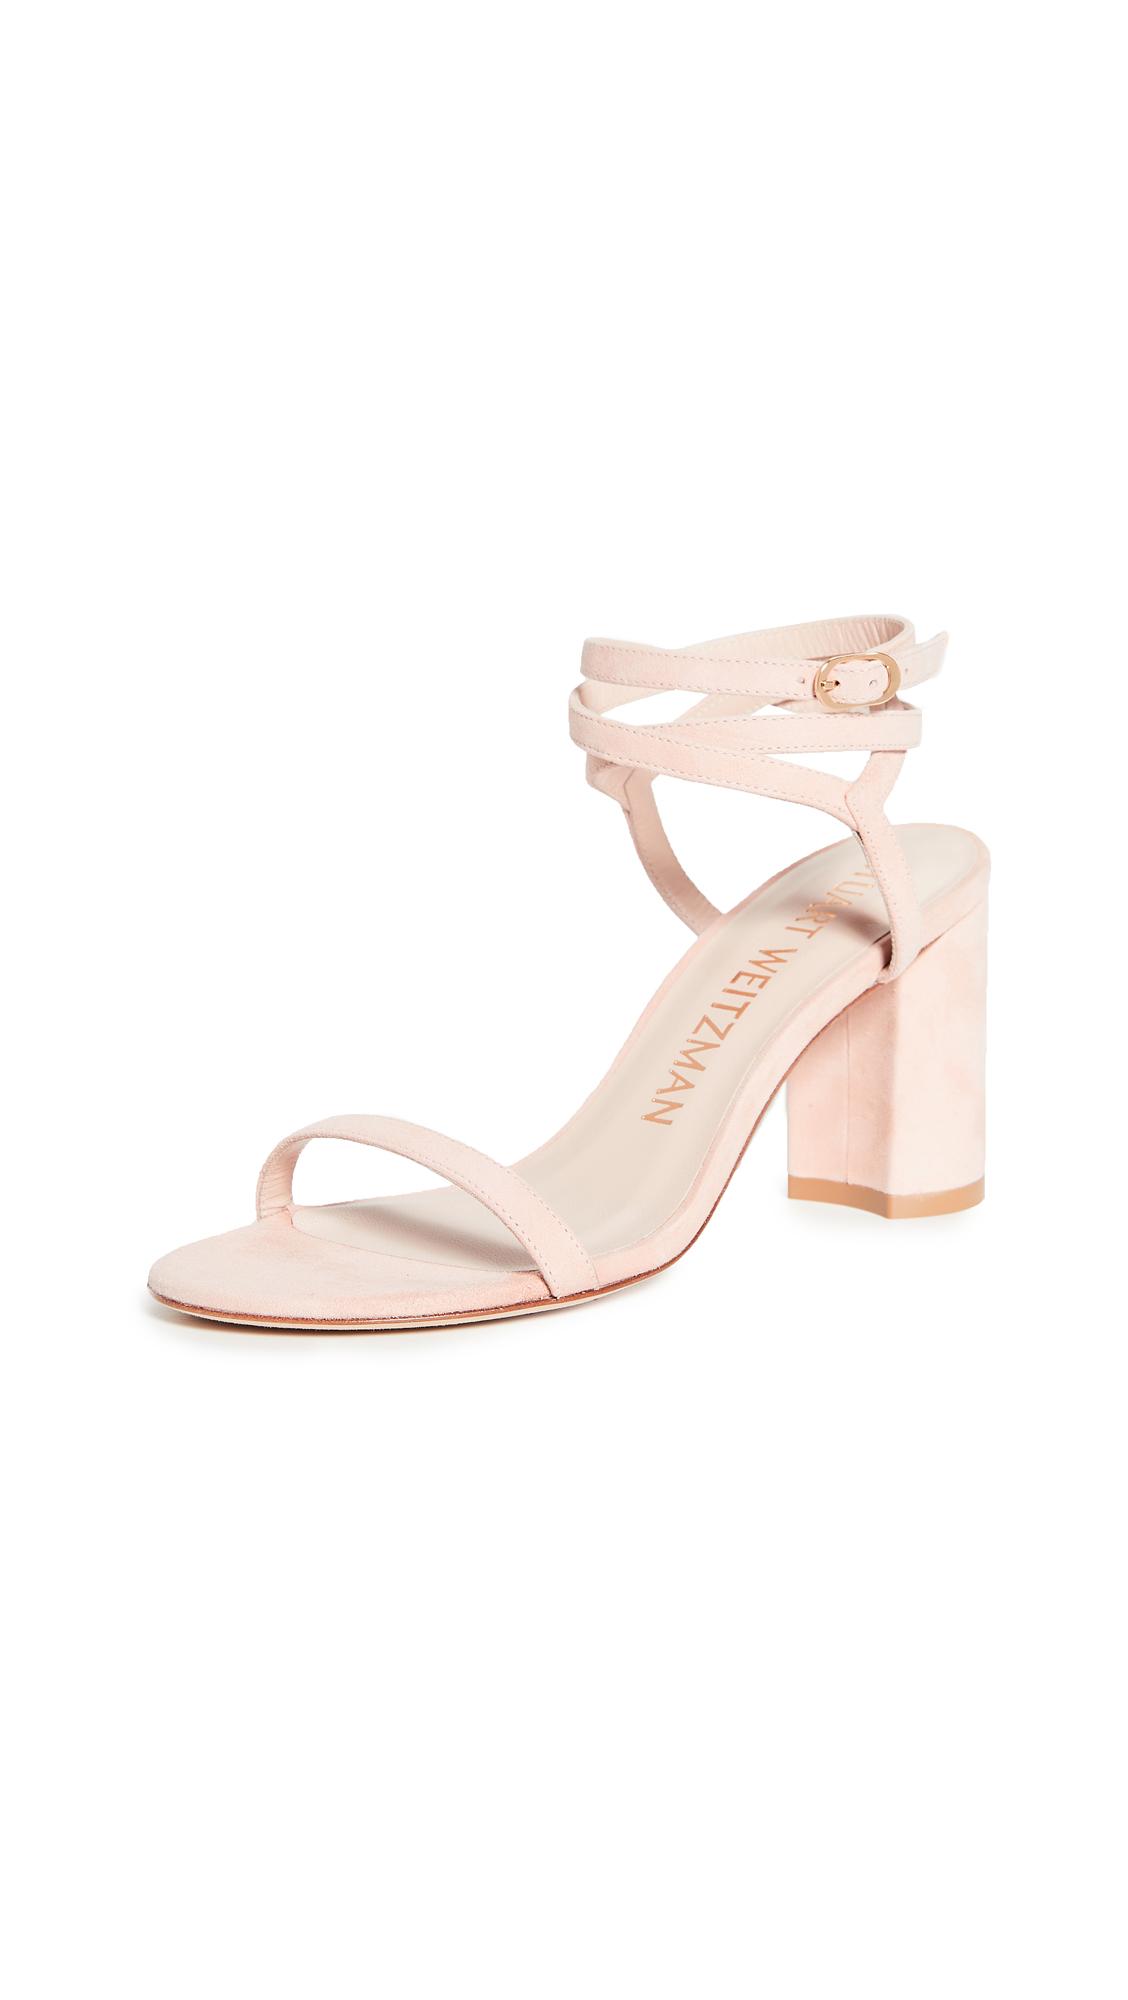 Buy Stuart Weitzman Merinda Block Sandals online, shop Stuart Weitzman